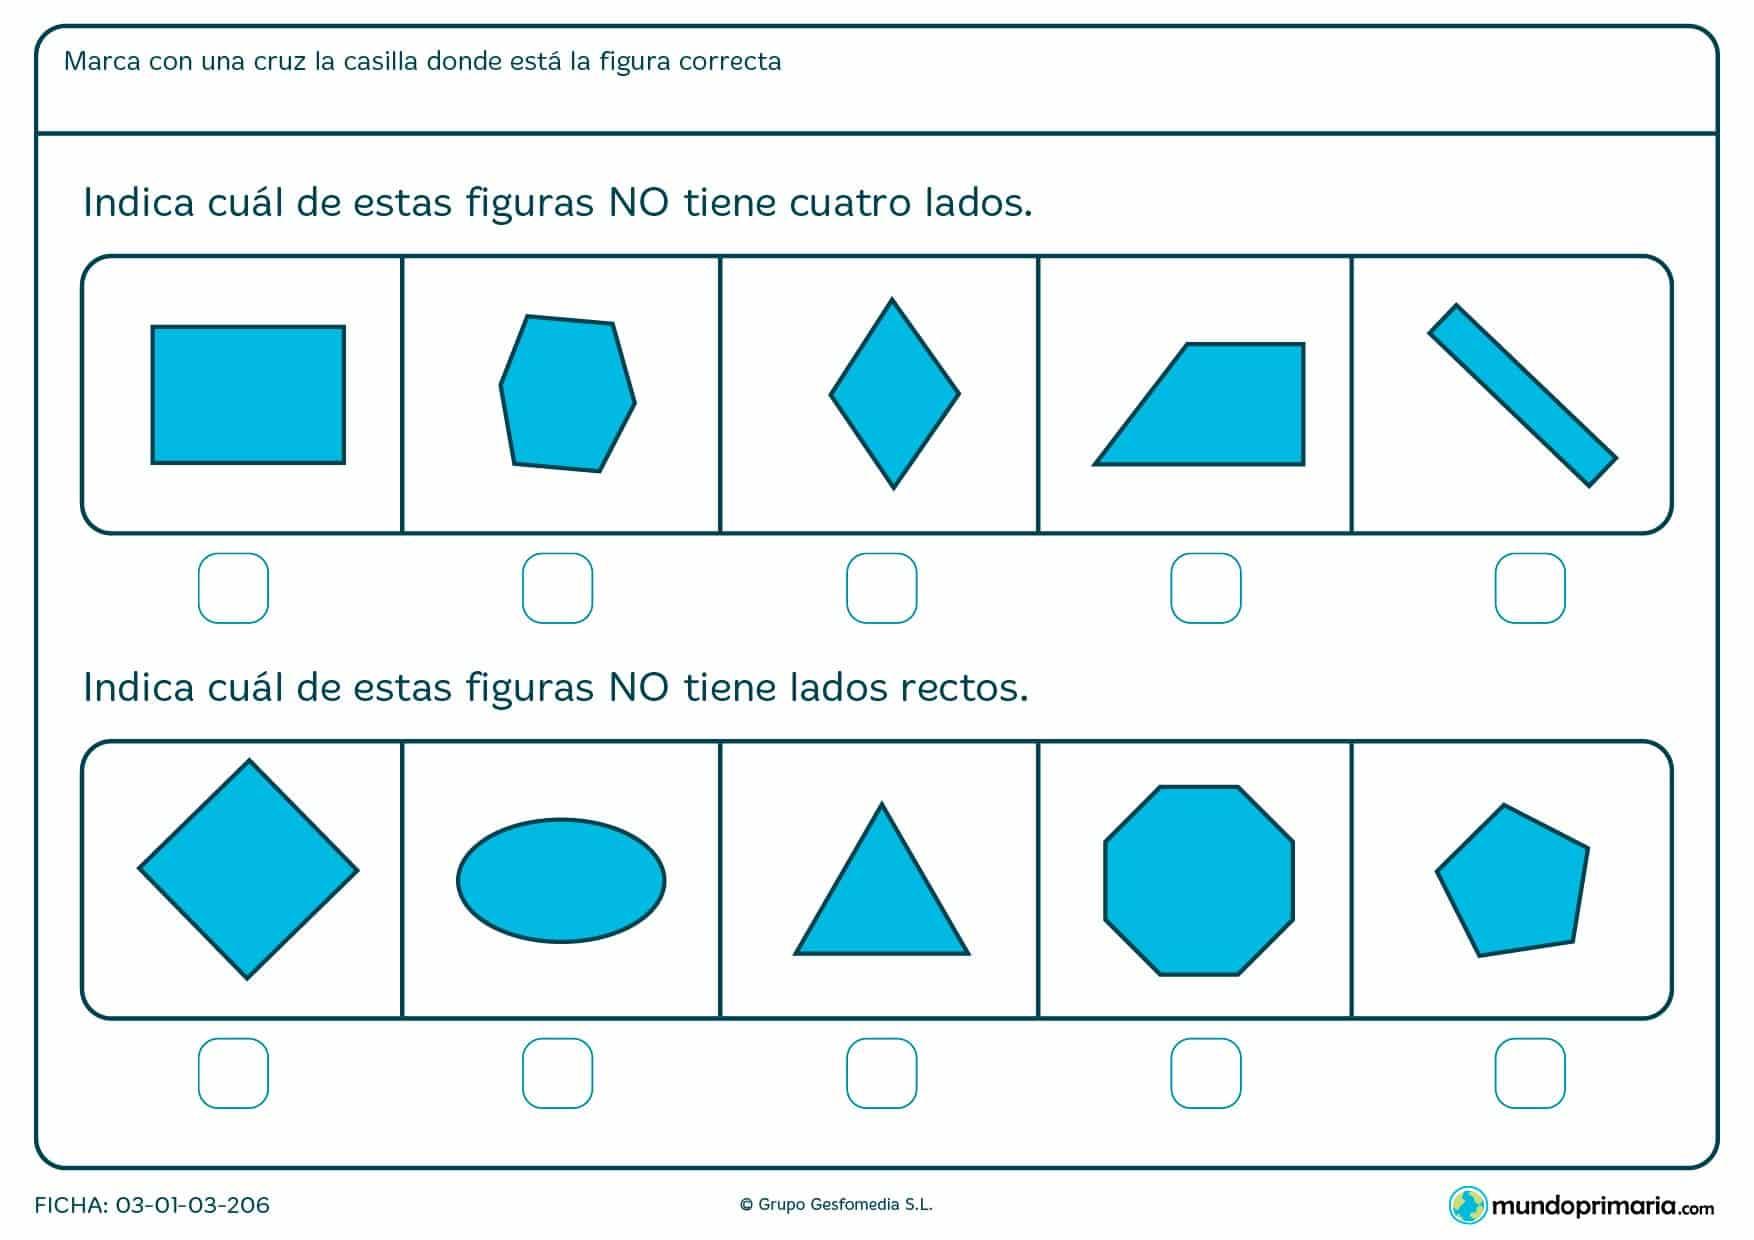 Ficha de bordes rectos para que los niños de primero de primaria aprendan a diferenciar figuras de distintos números de lados.